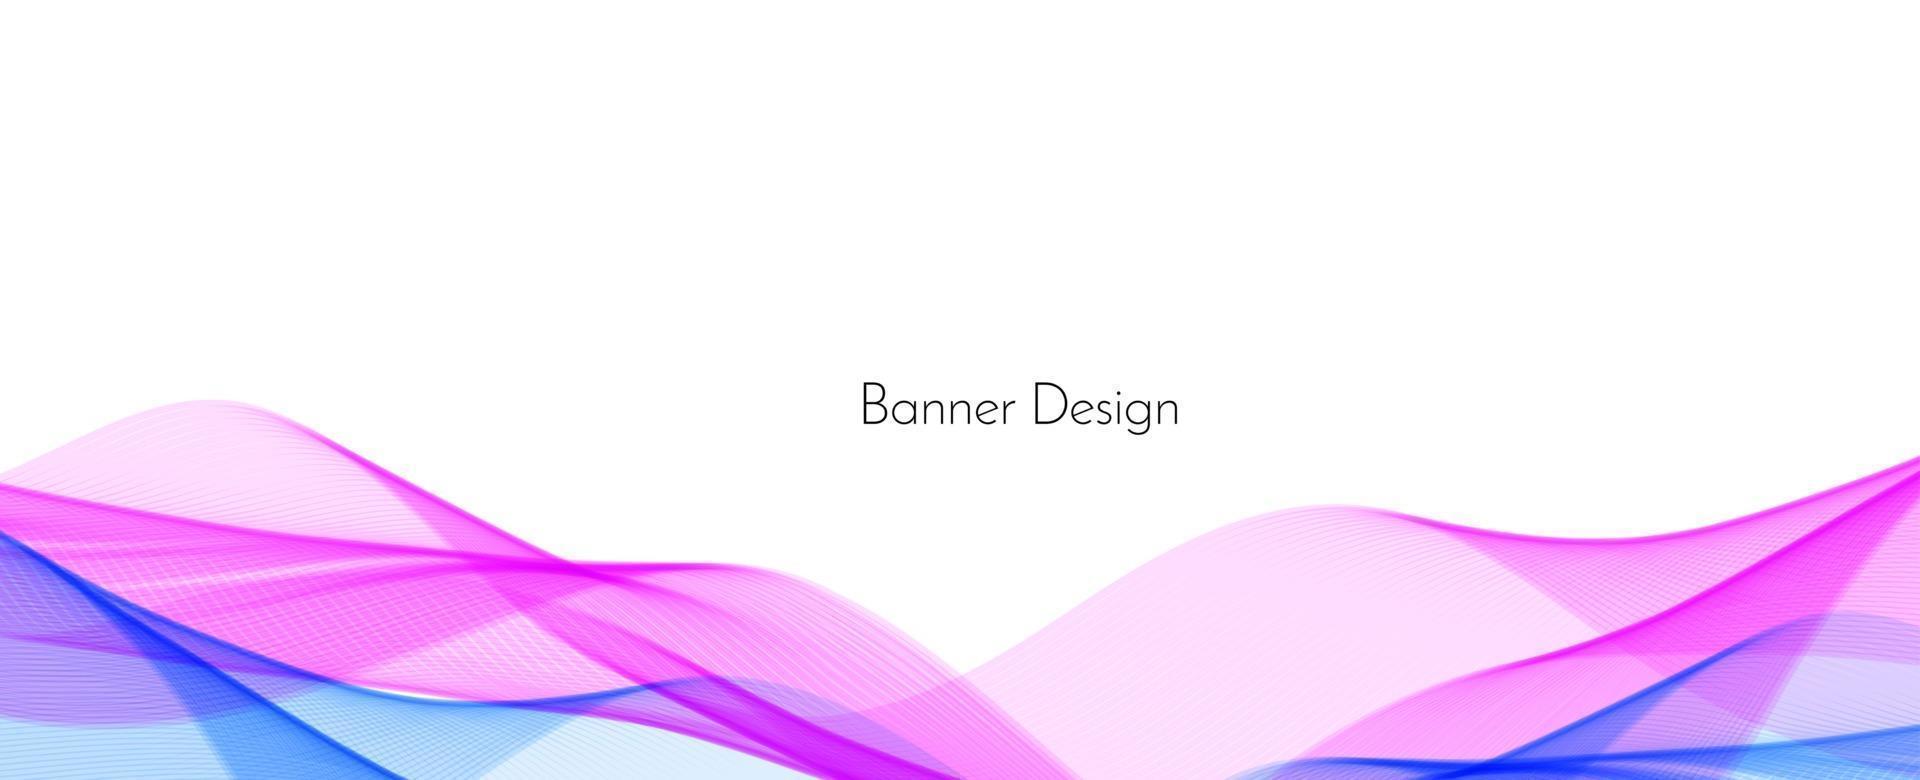 astratto colorato decorativo elegante onda moderna design banner sfondo vettore